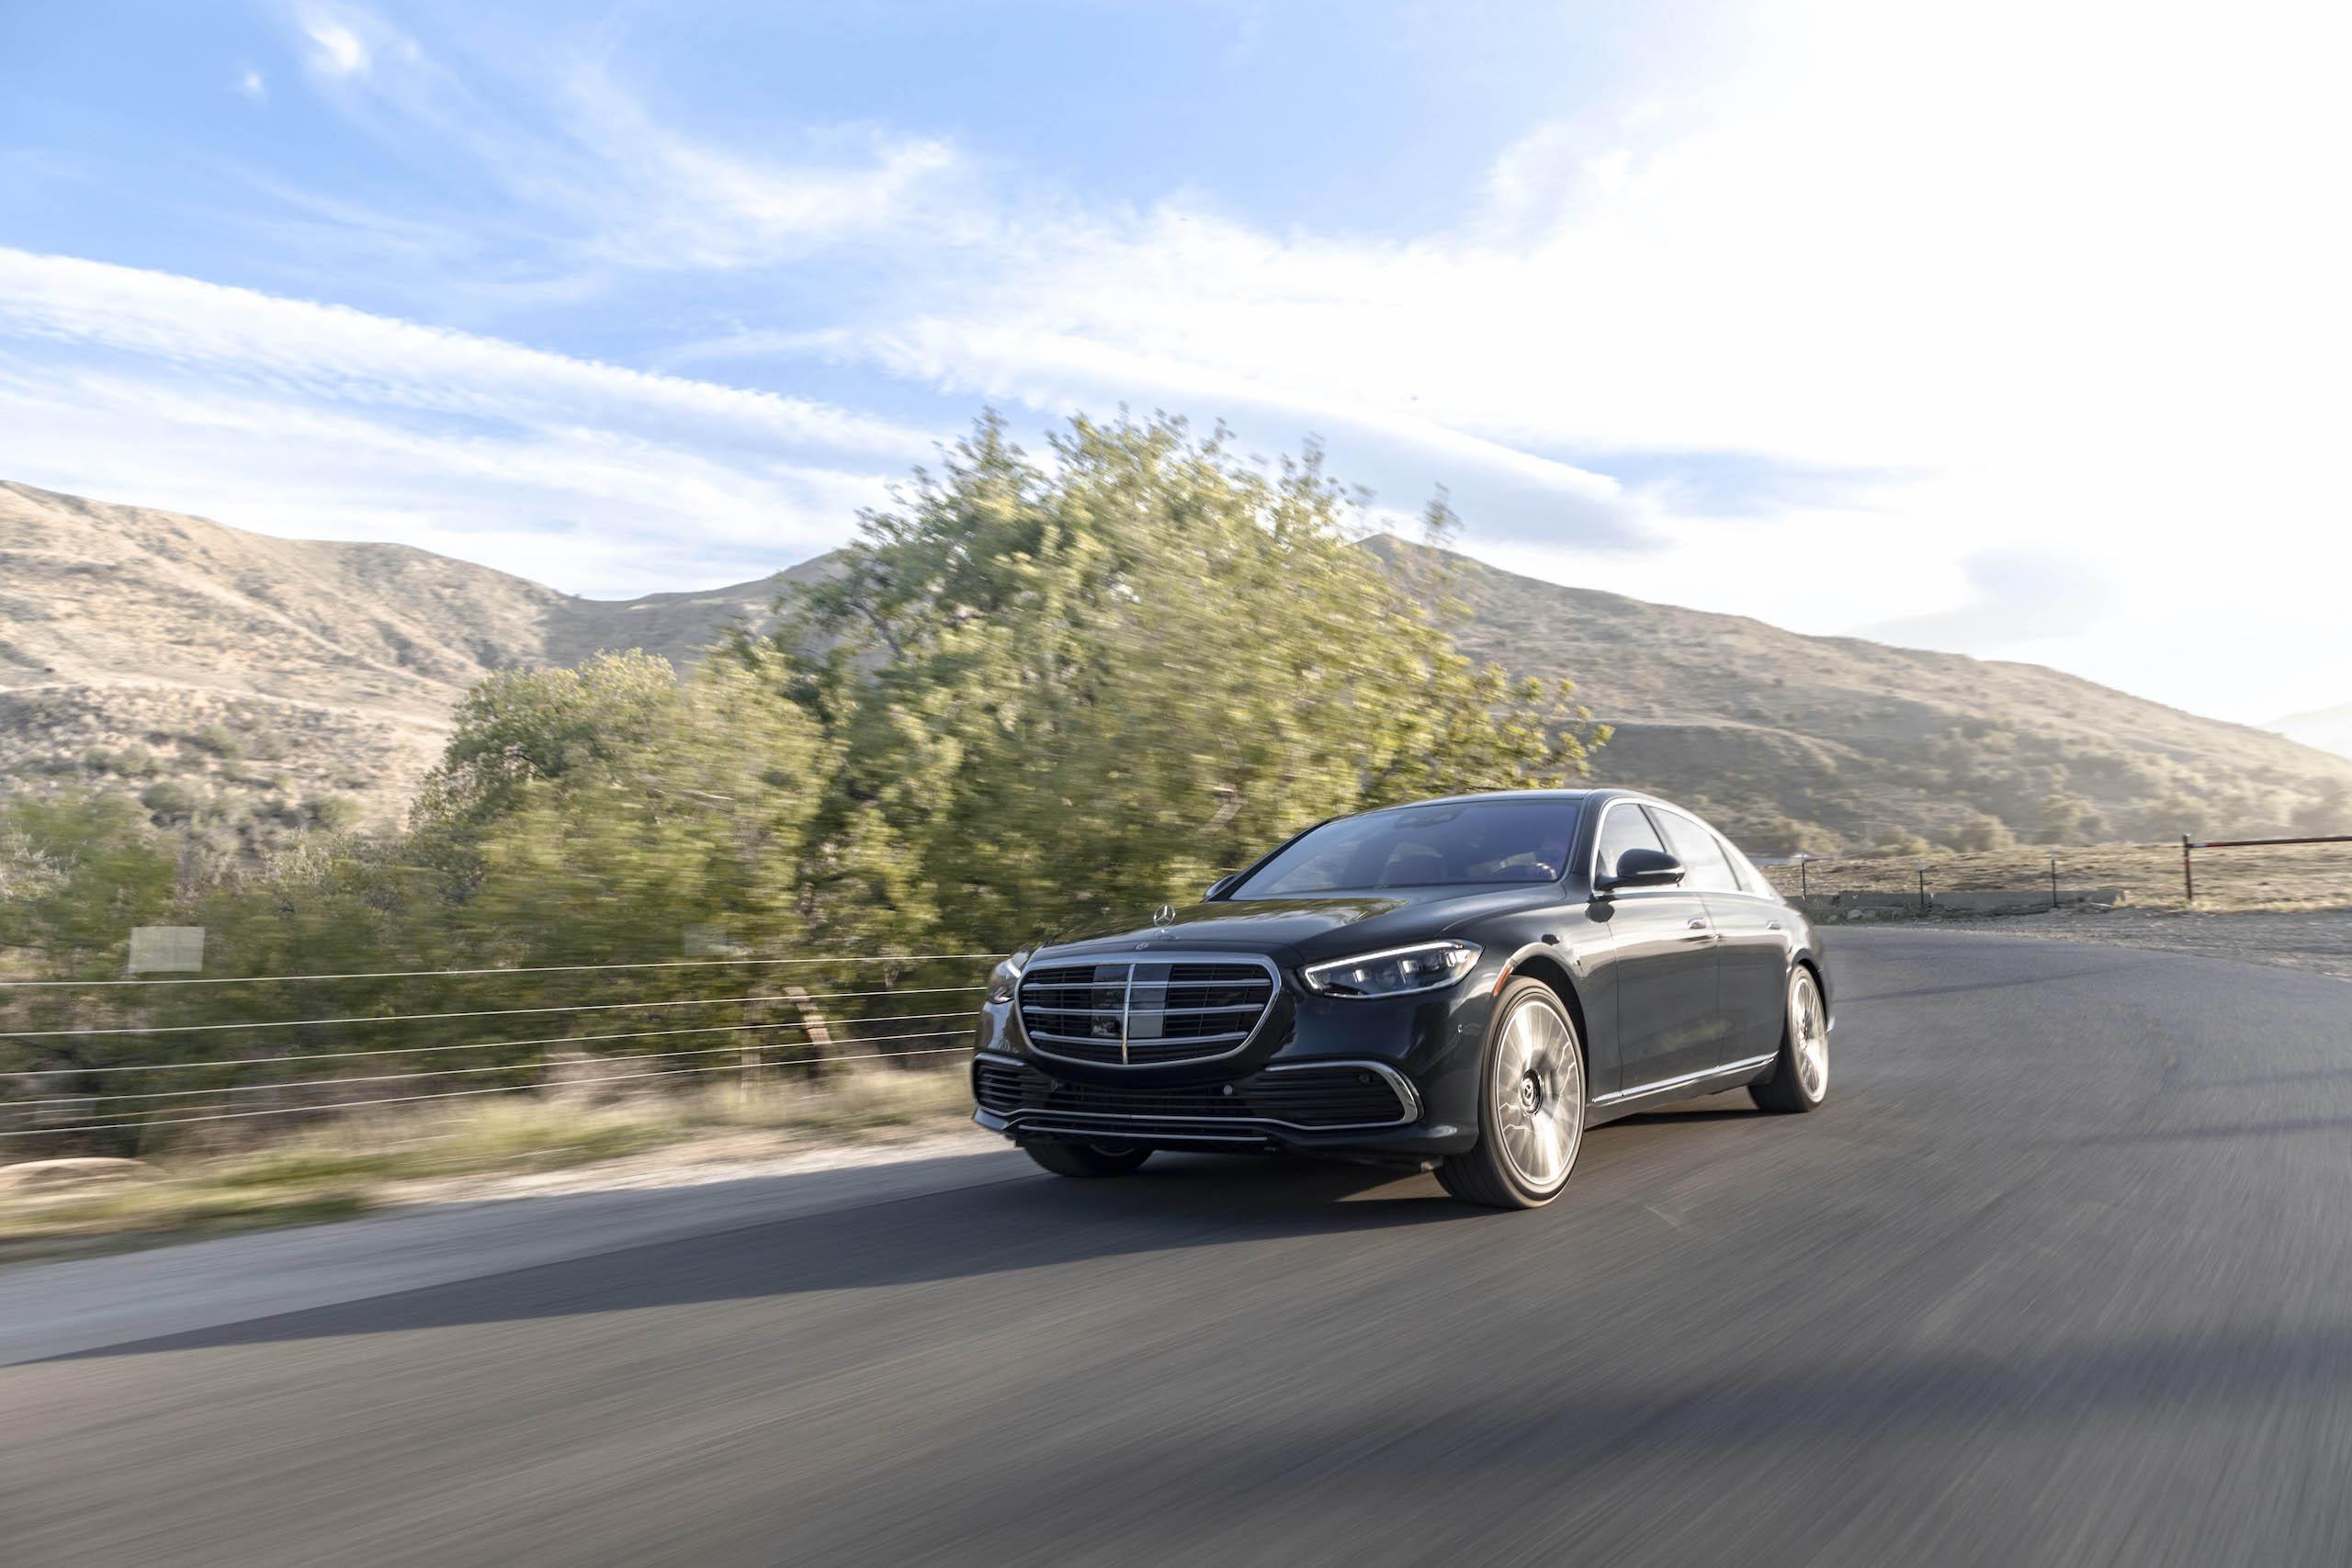 Mercedes Benz-S-Class front three-quarter